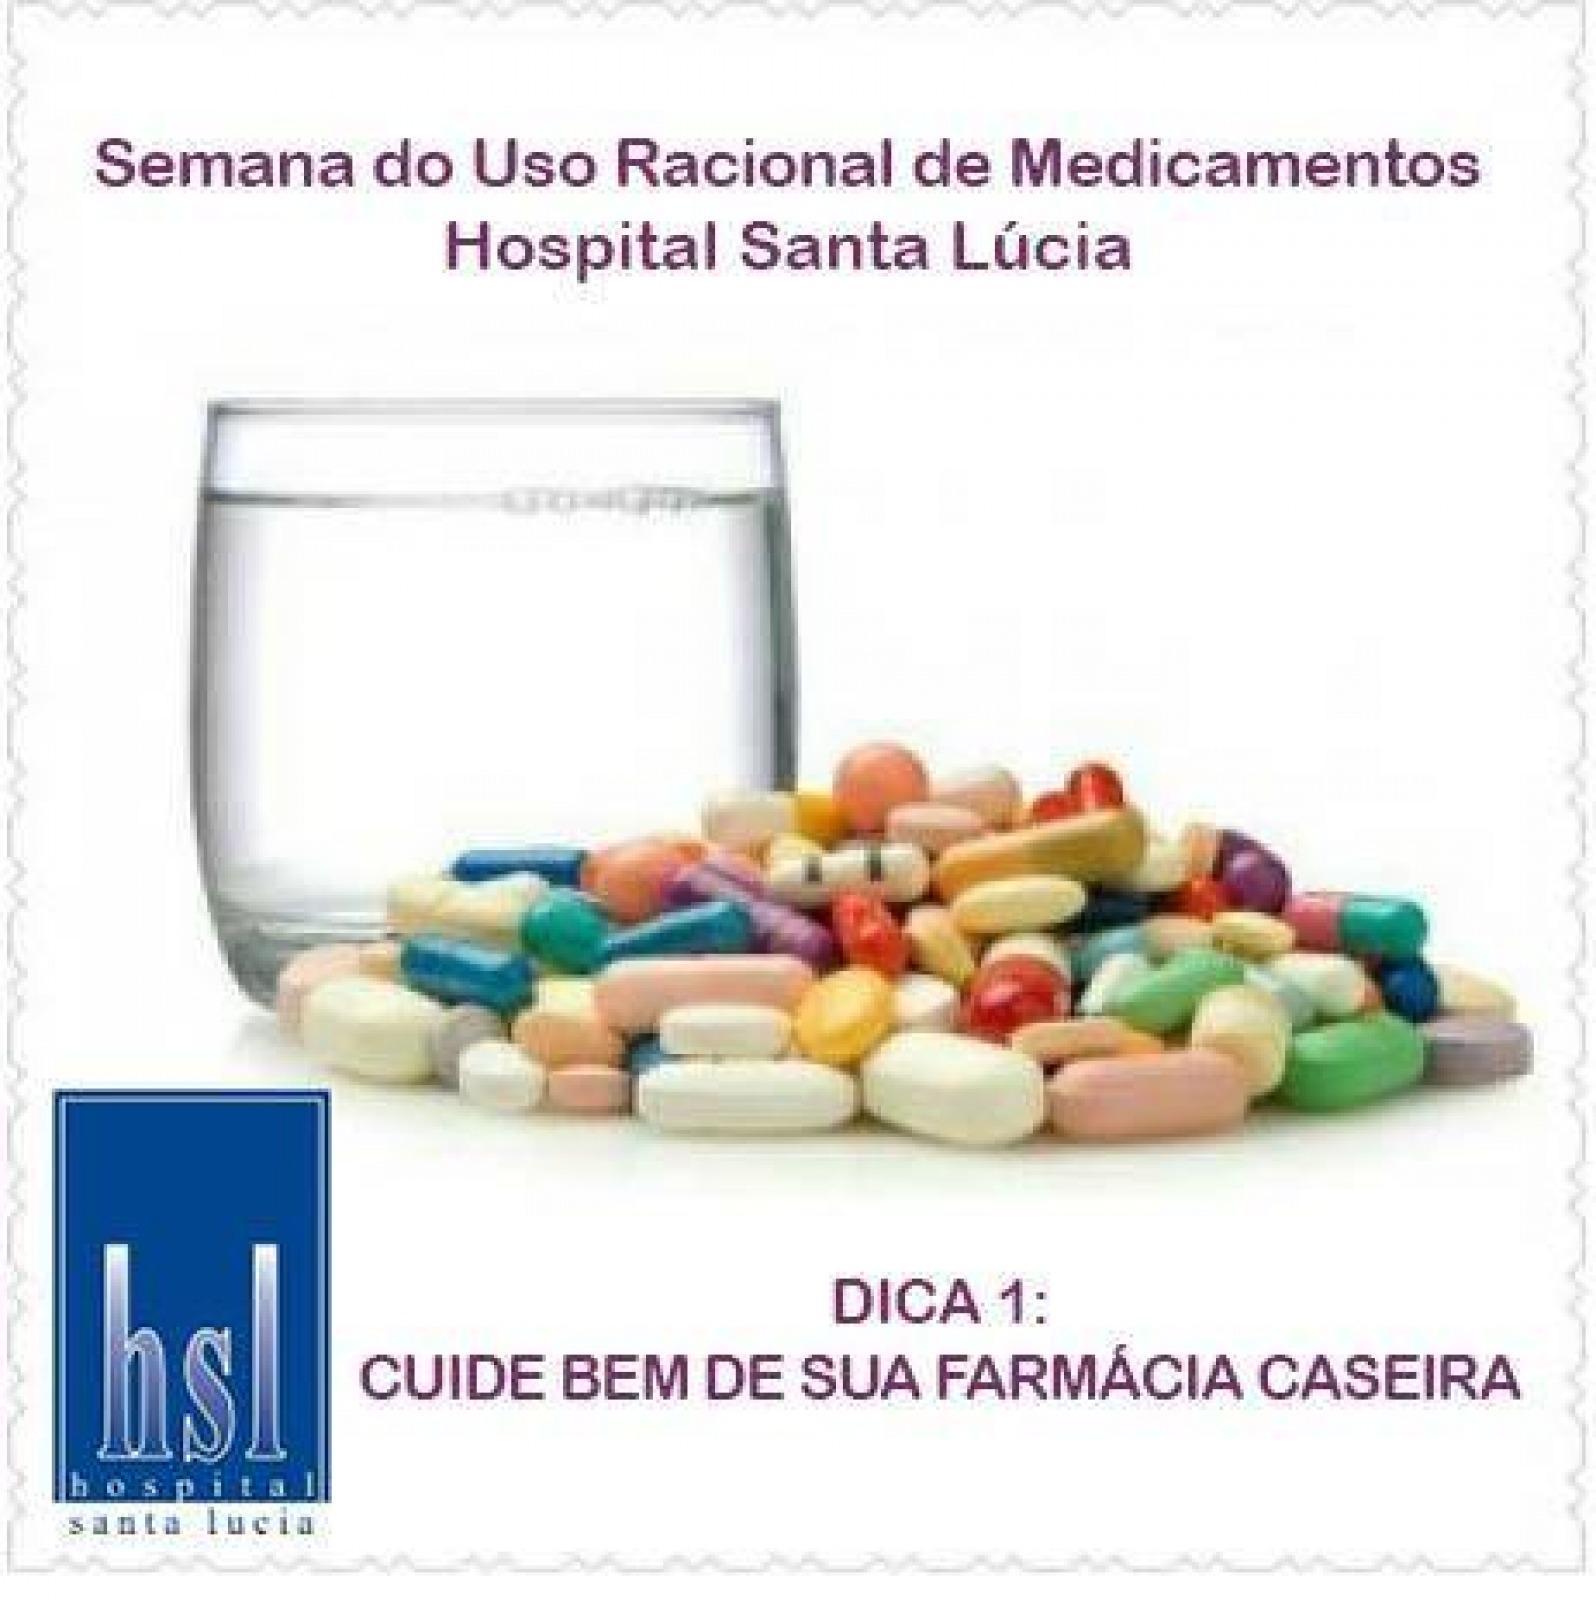 DICA 1: CUIDE BEM DE SUA FARMÁCIA CASEIRA